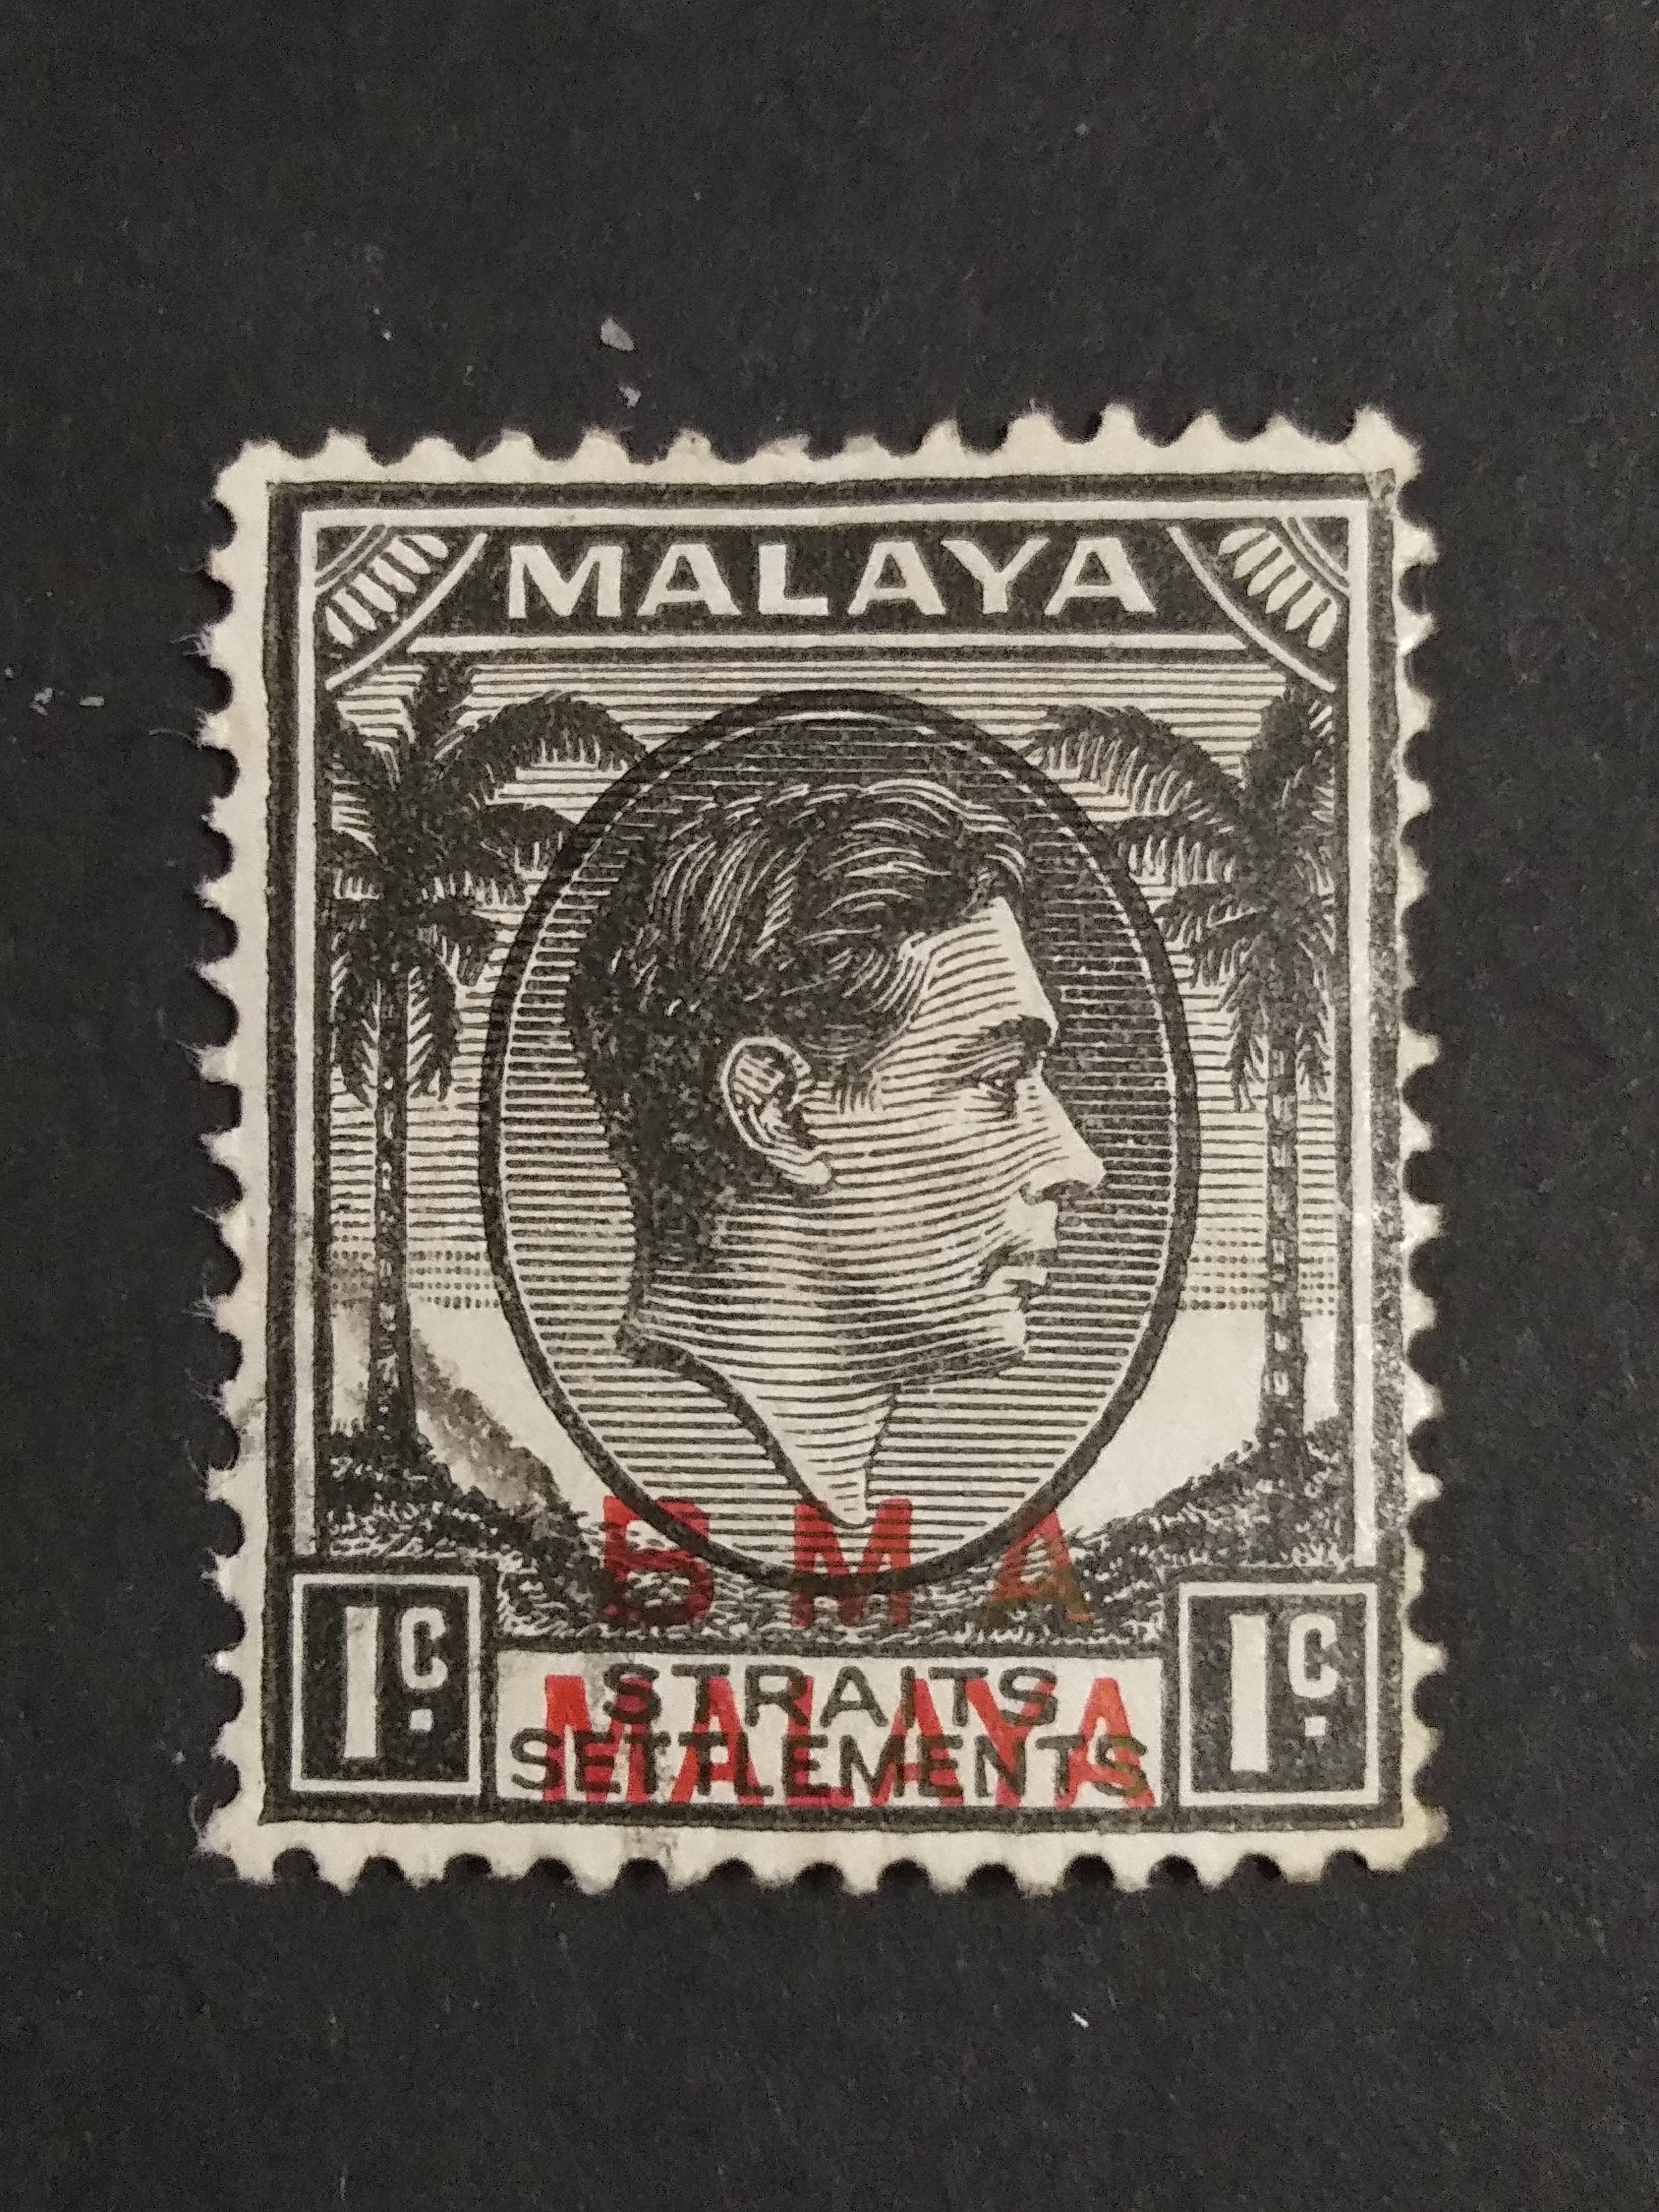 MALAYA/BMA/overprint/1 cent